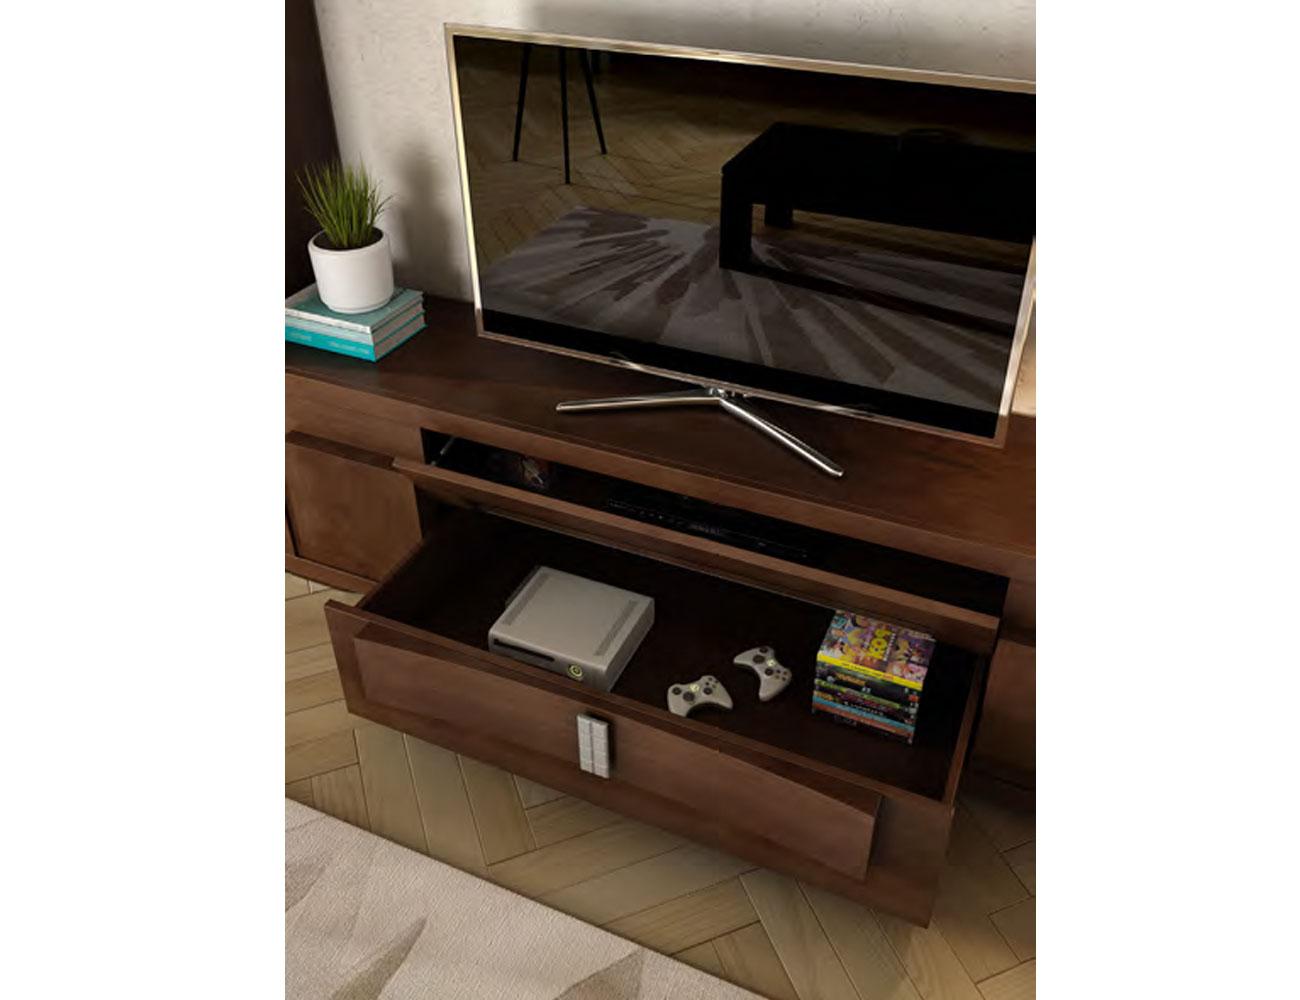 Detalle cajon mueble tv1